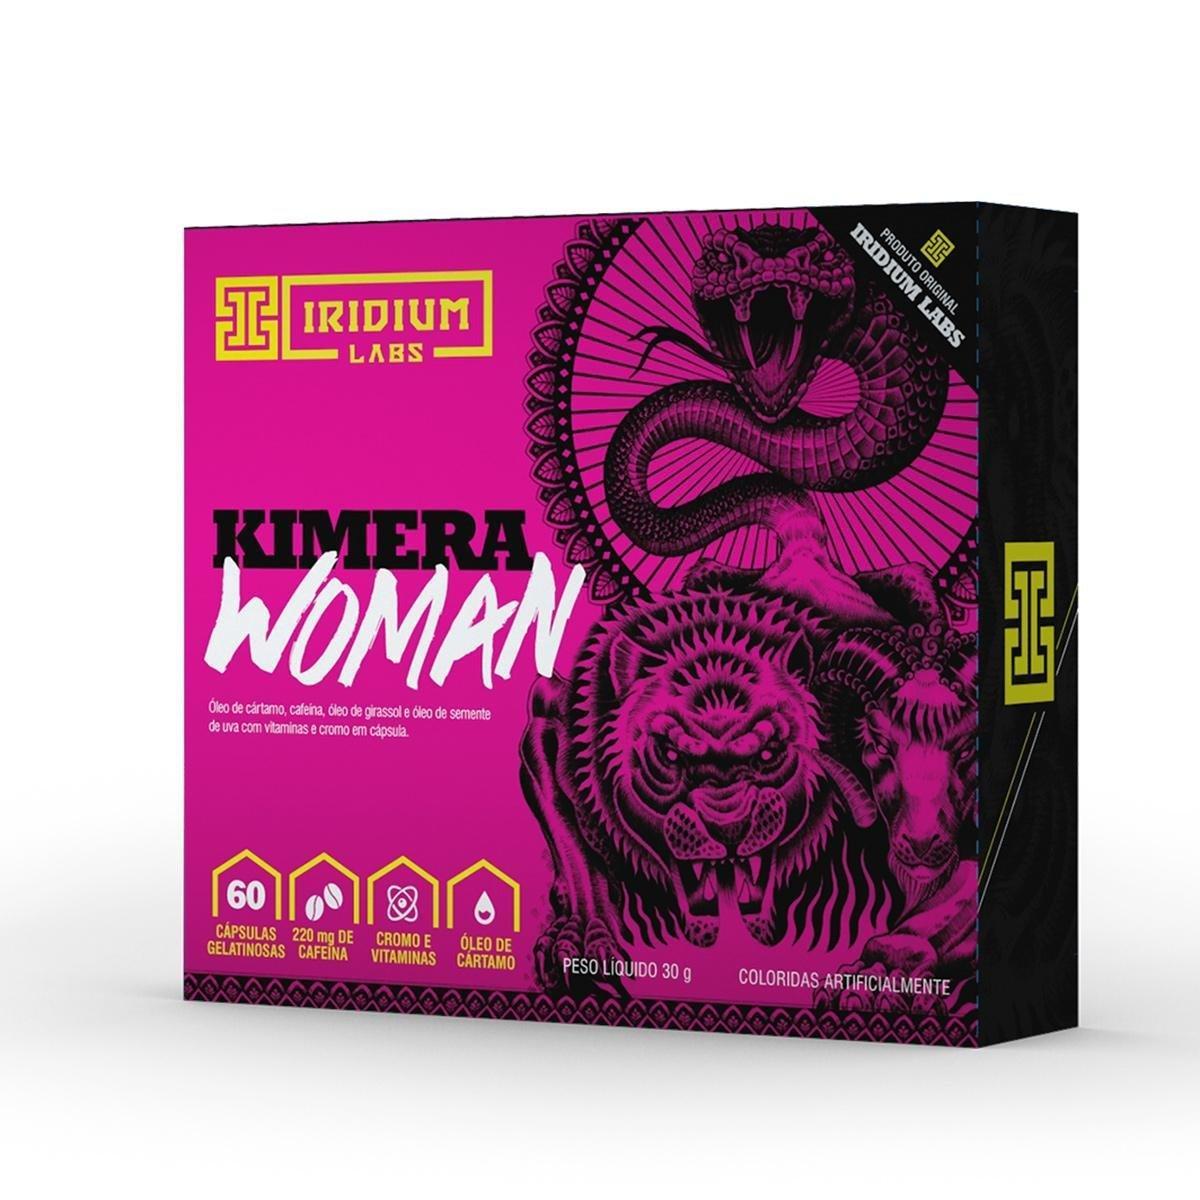 Termogênico Kimera Woman 60 Caps Iridium Labs